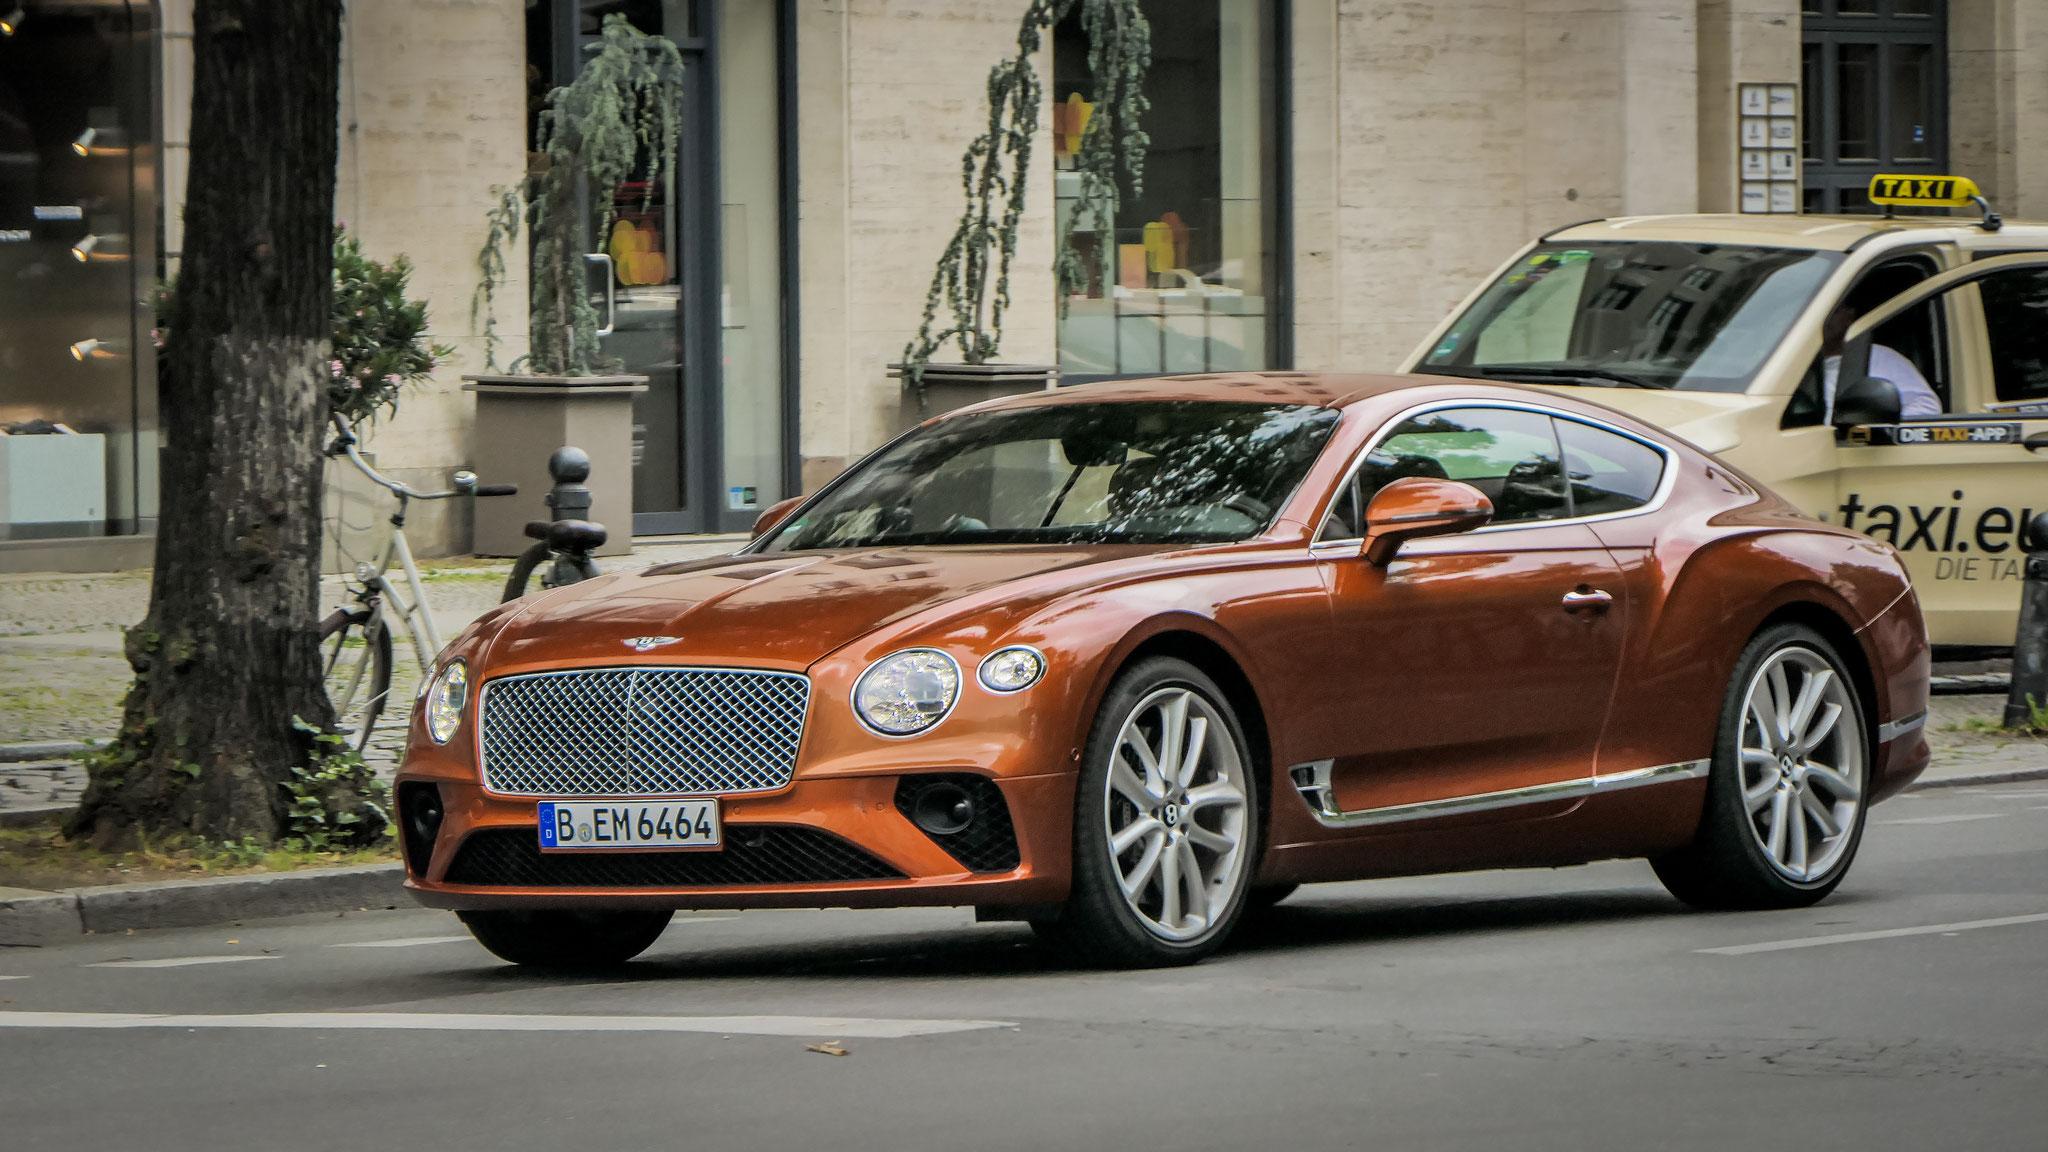 Bentley Continental GT - B-EM-6464